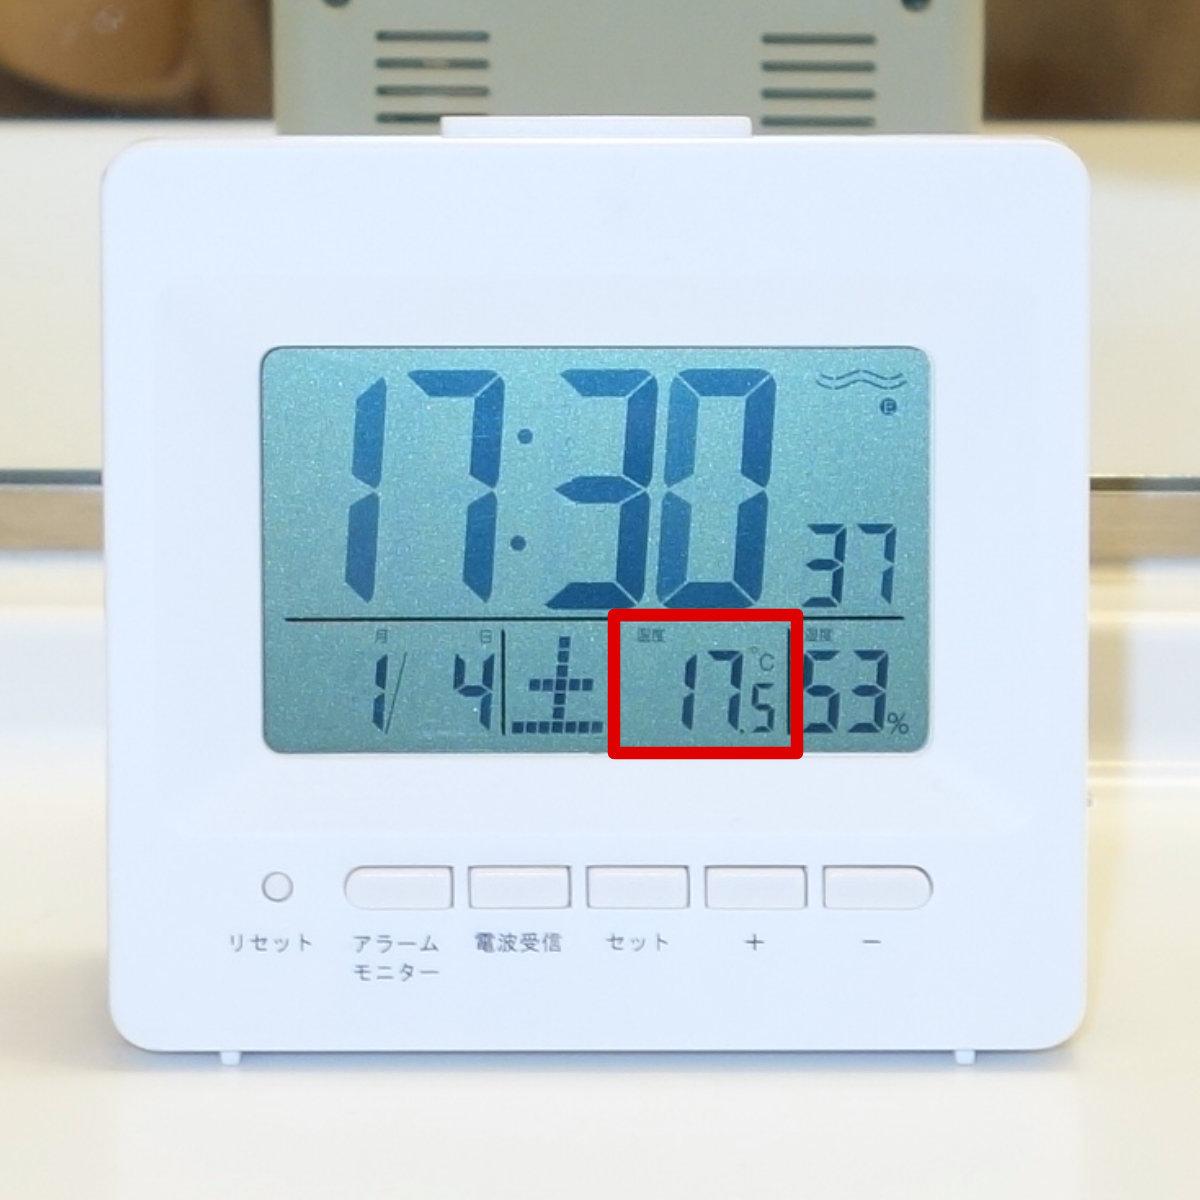 セラミックファンヒーターで温める前の温度